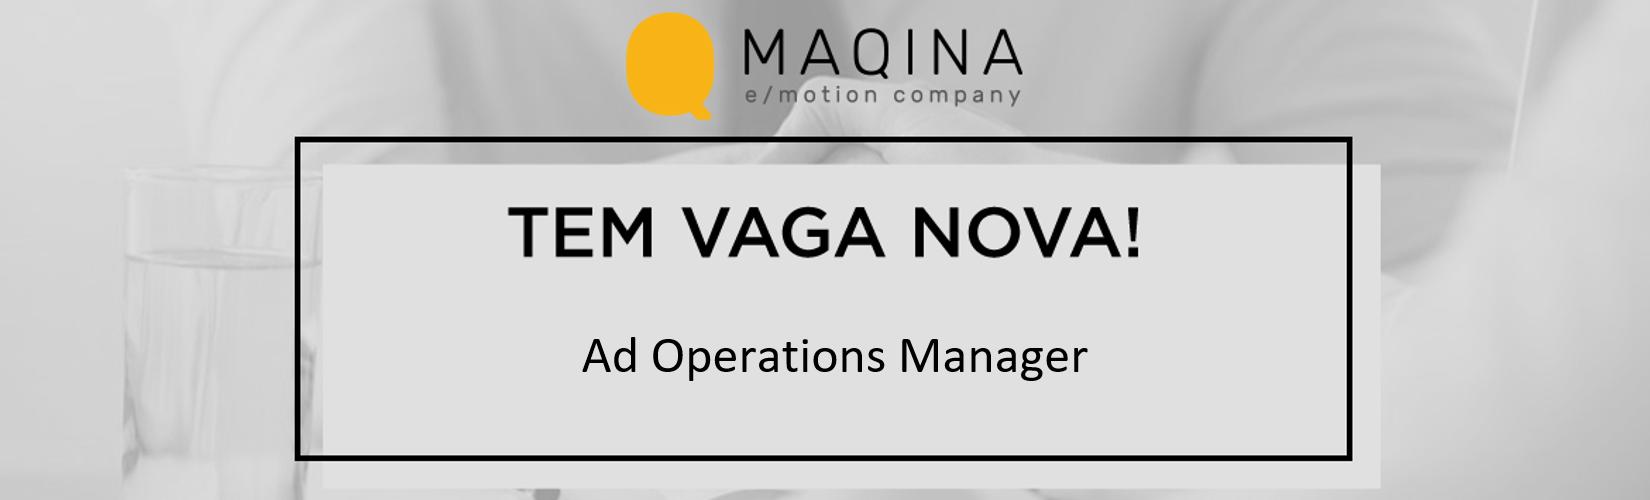 [Maqina] - Ad Operation Manager